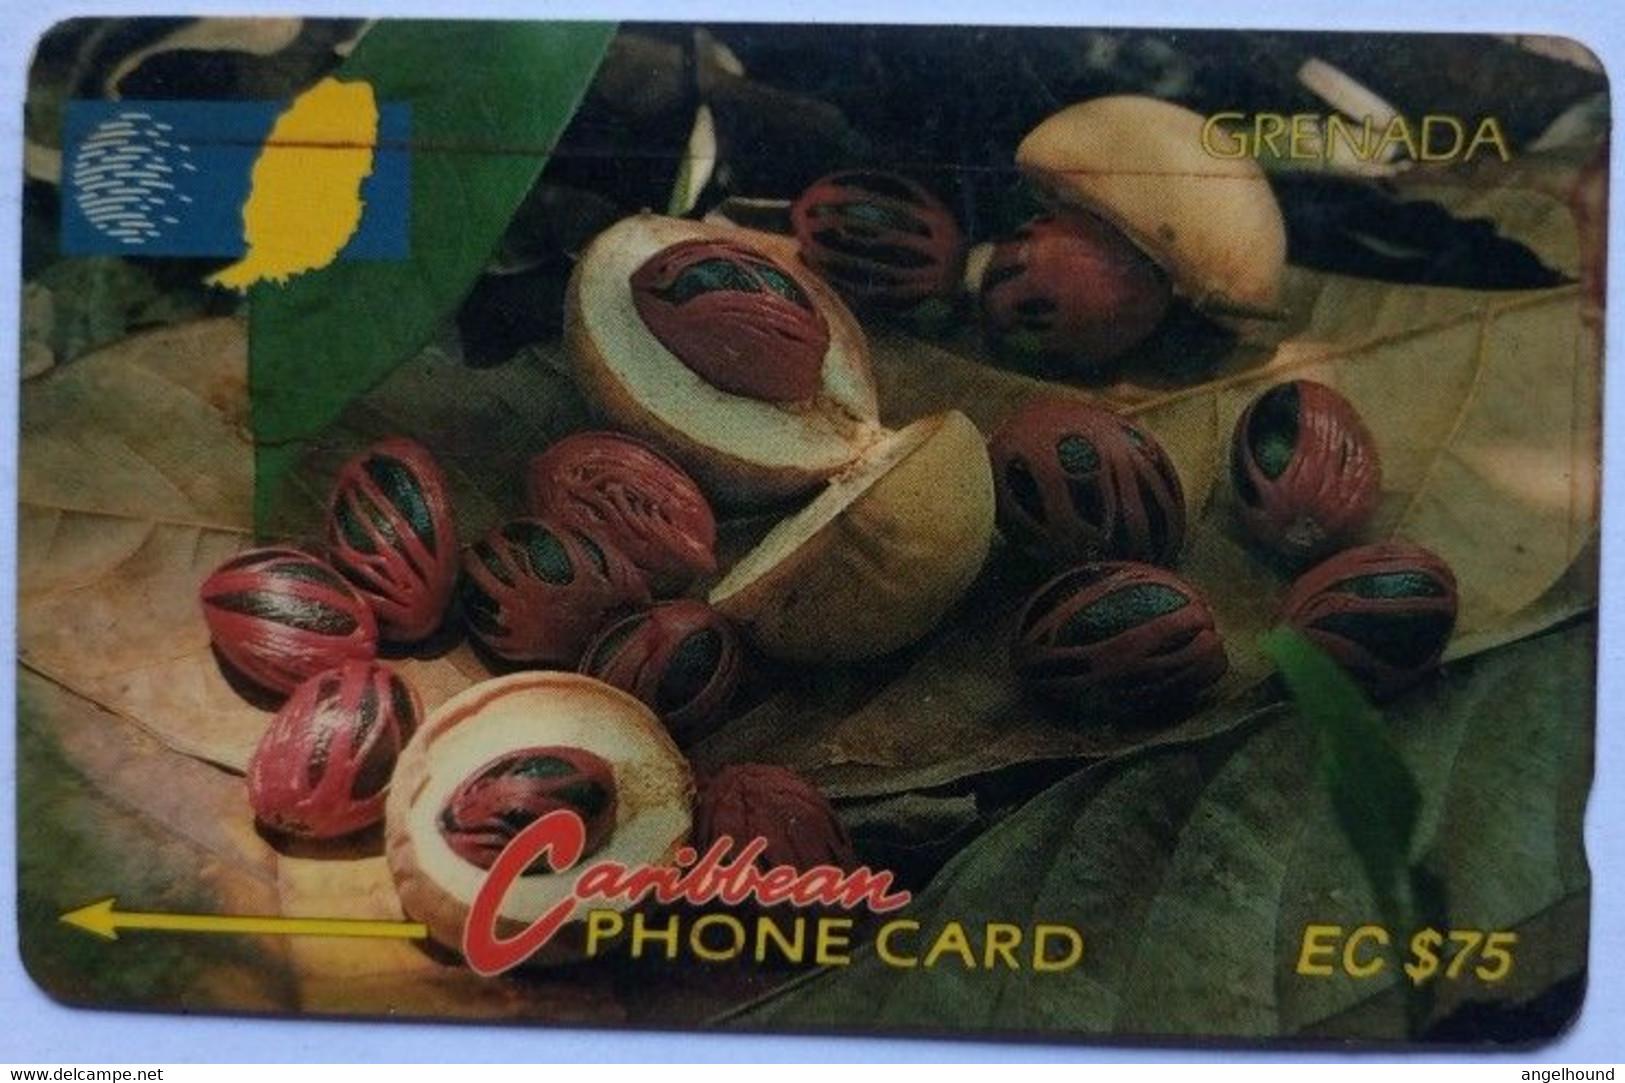 6CGRD EC$75 - Grenada